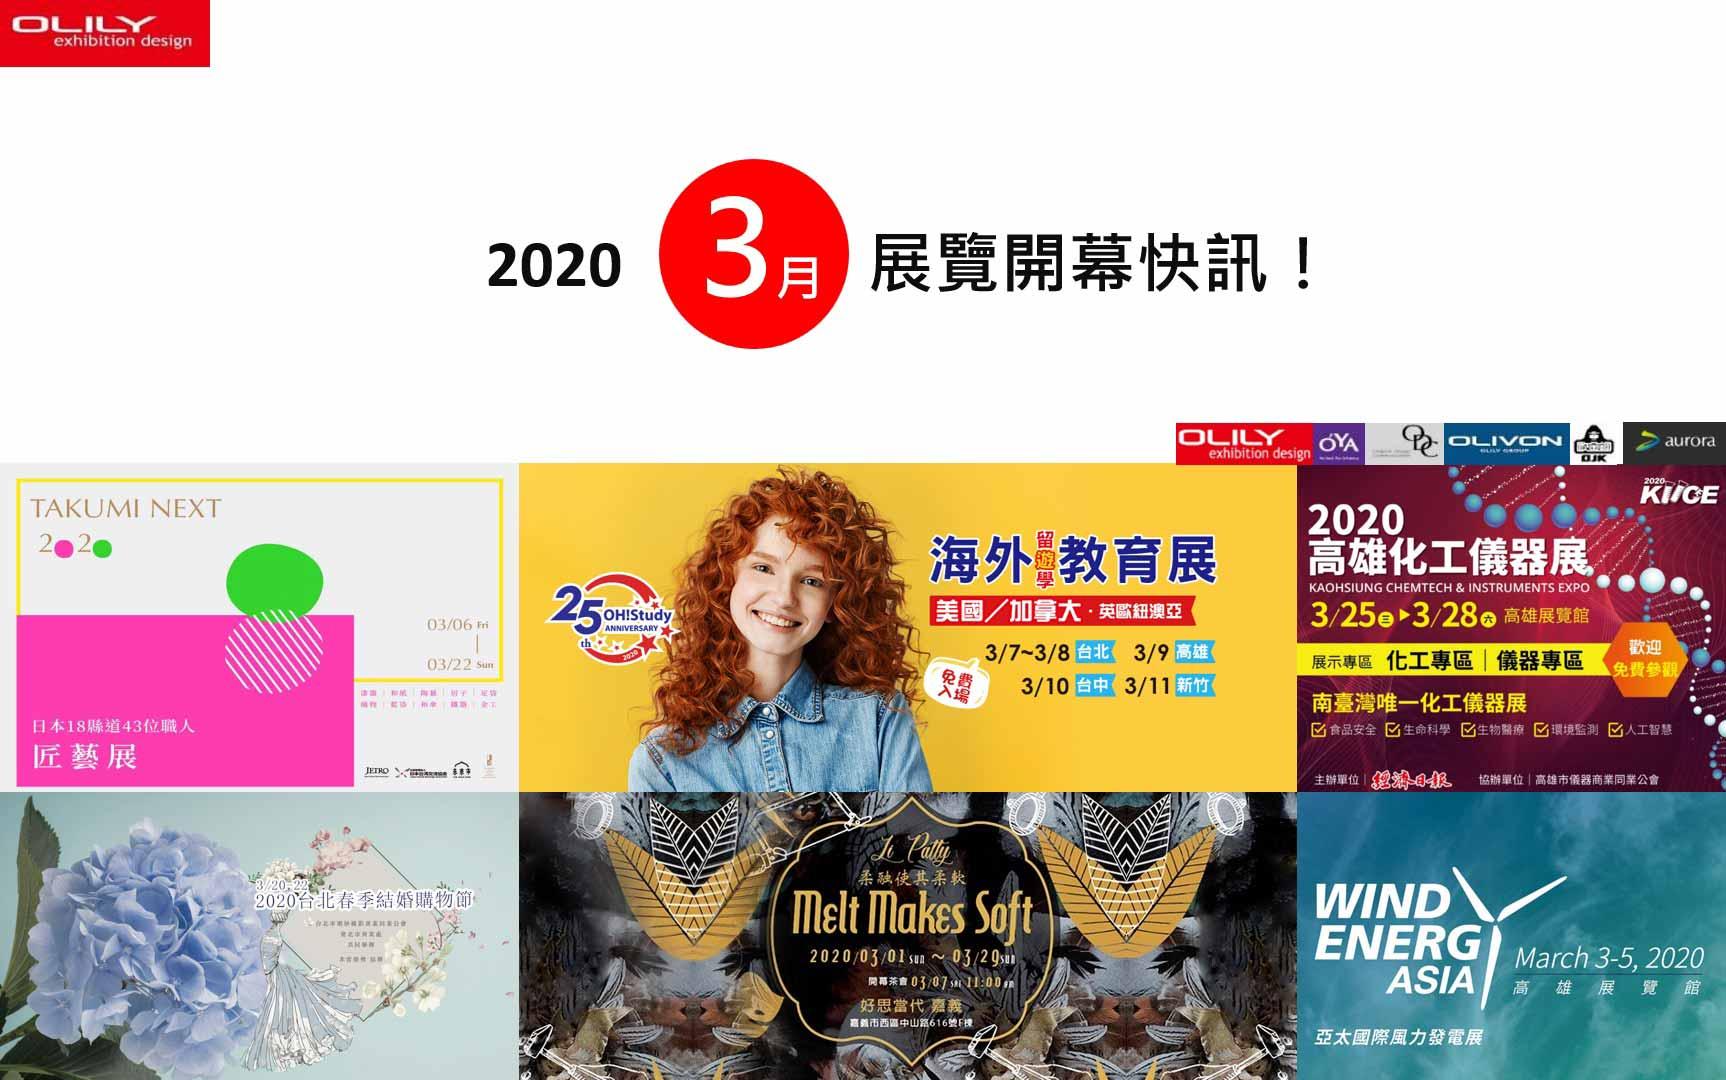 2020年3月 展覽資訊 - 展覽設計推薦歐立利展場設計